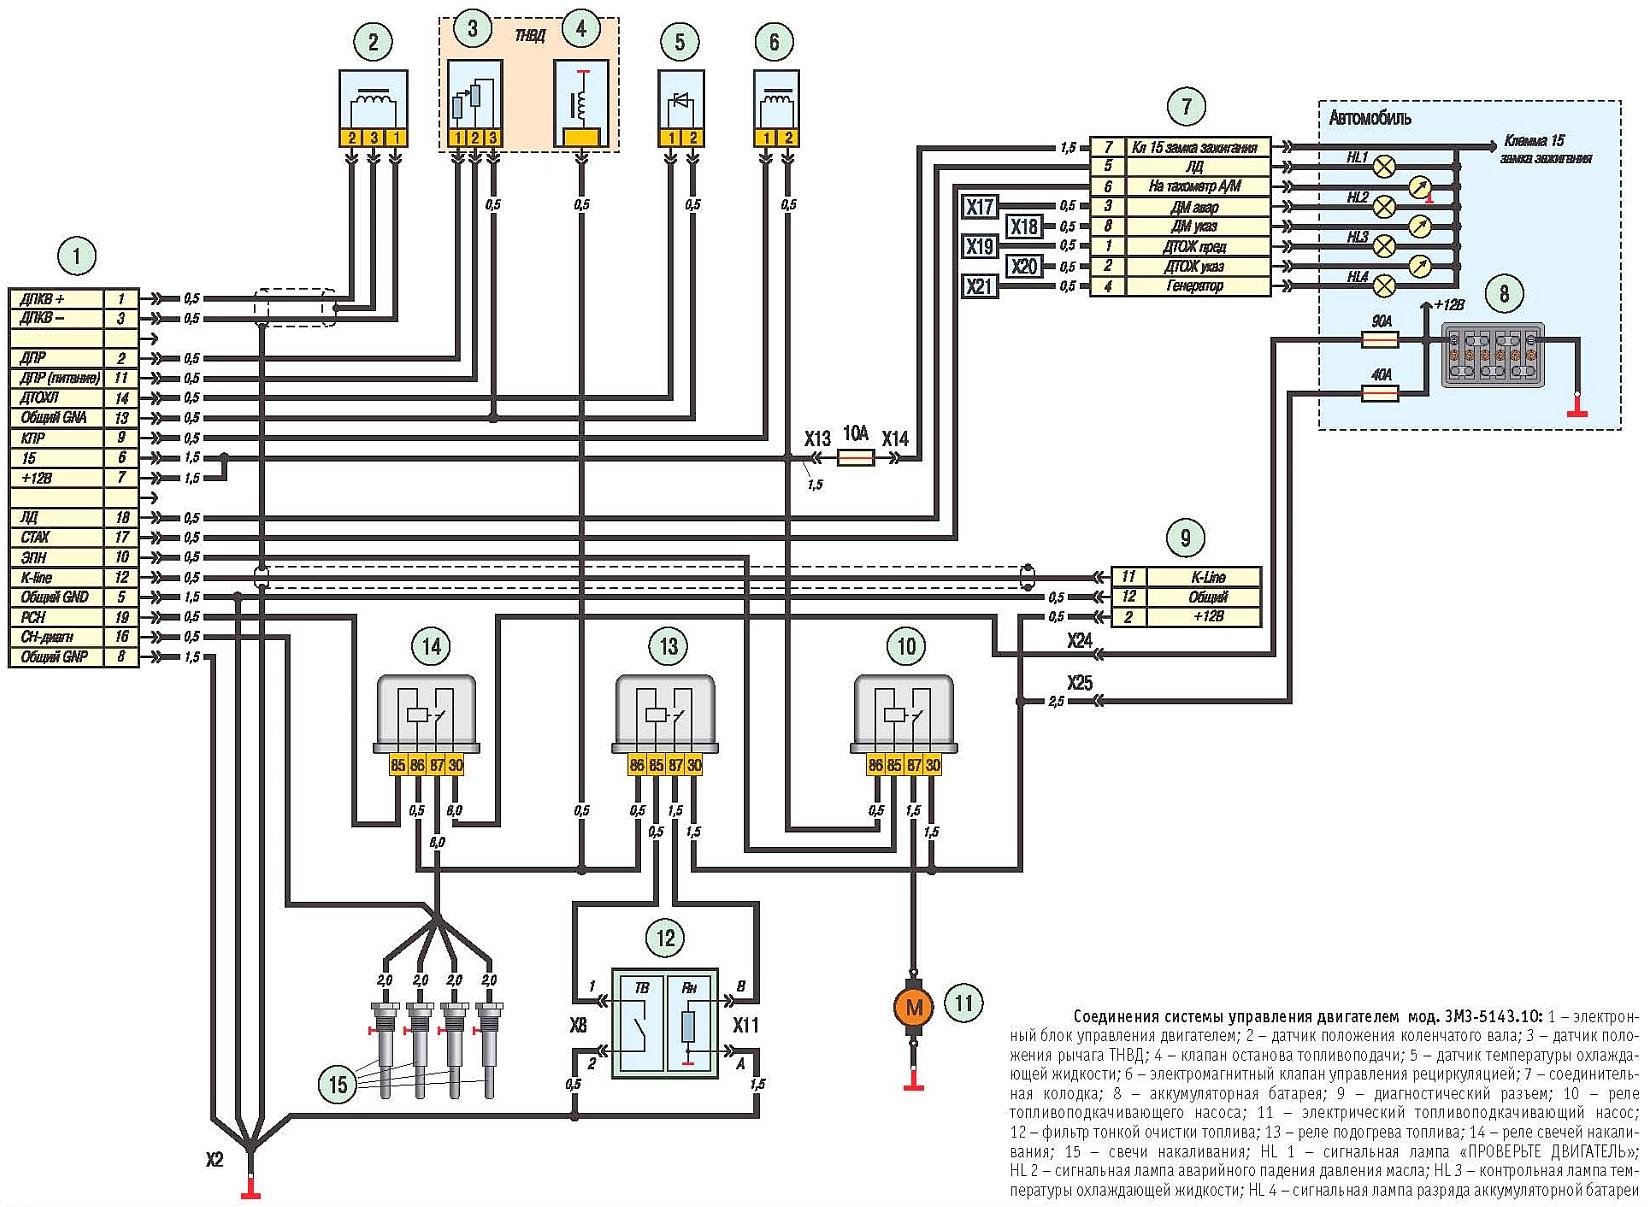 Схема системы управления двигателем змз 409